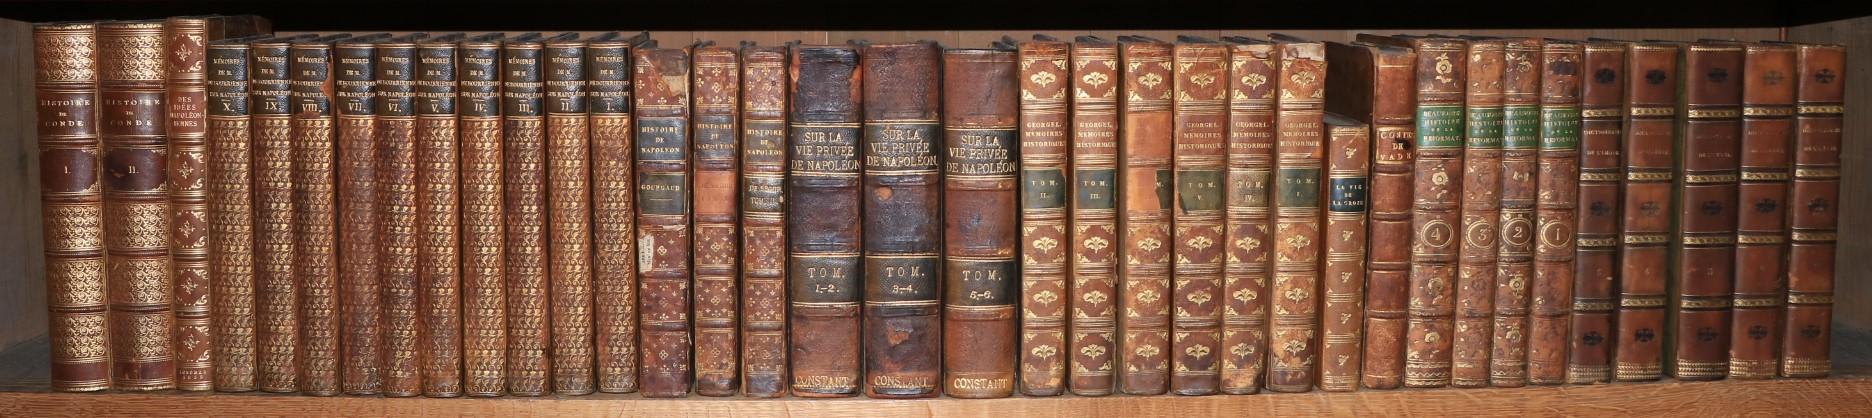 French Literature:ÿ [Mouchet]ÿDictionaire contenant les Anecdotes Historiques de L'Amour, depuis